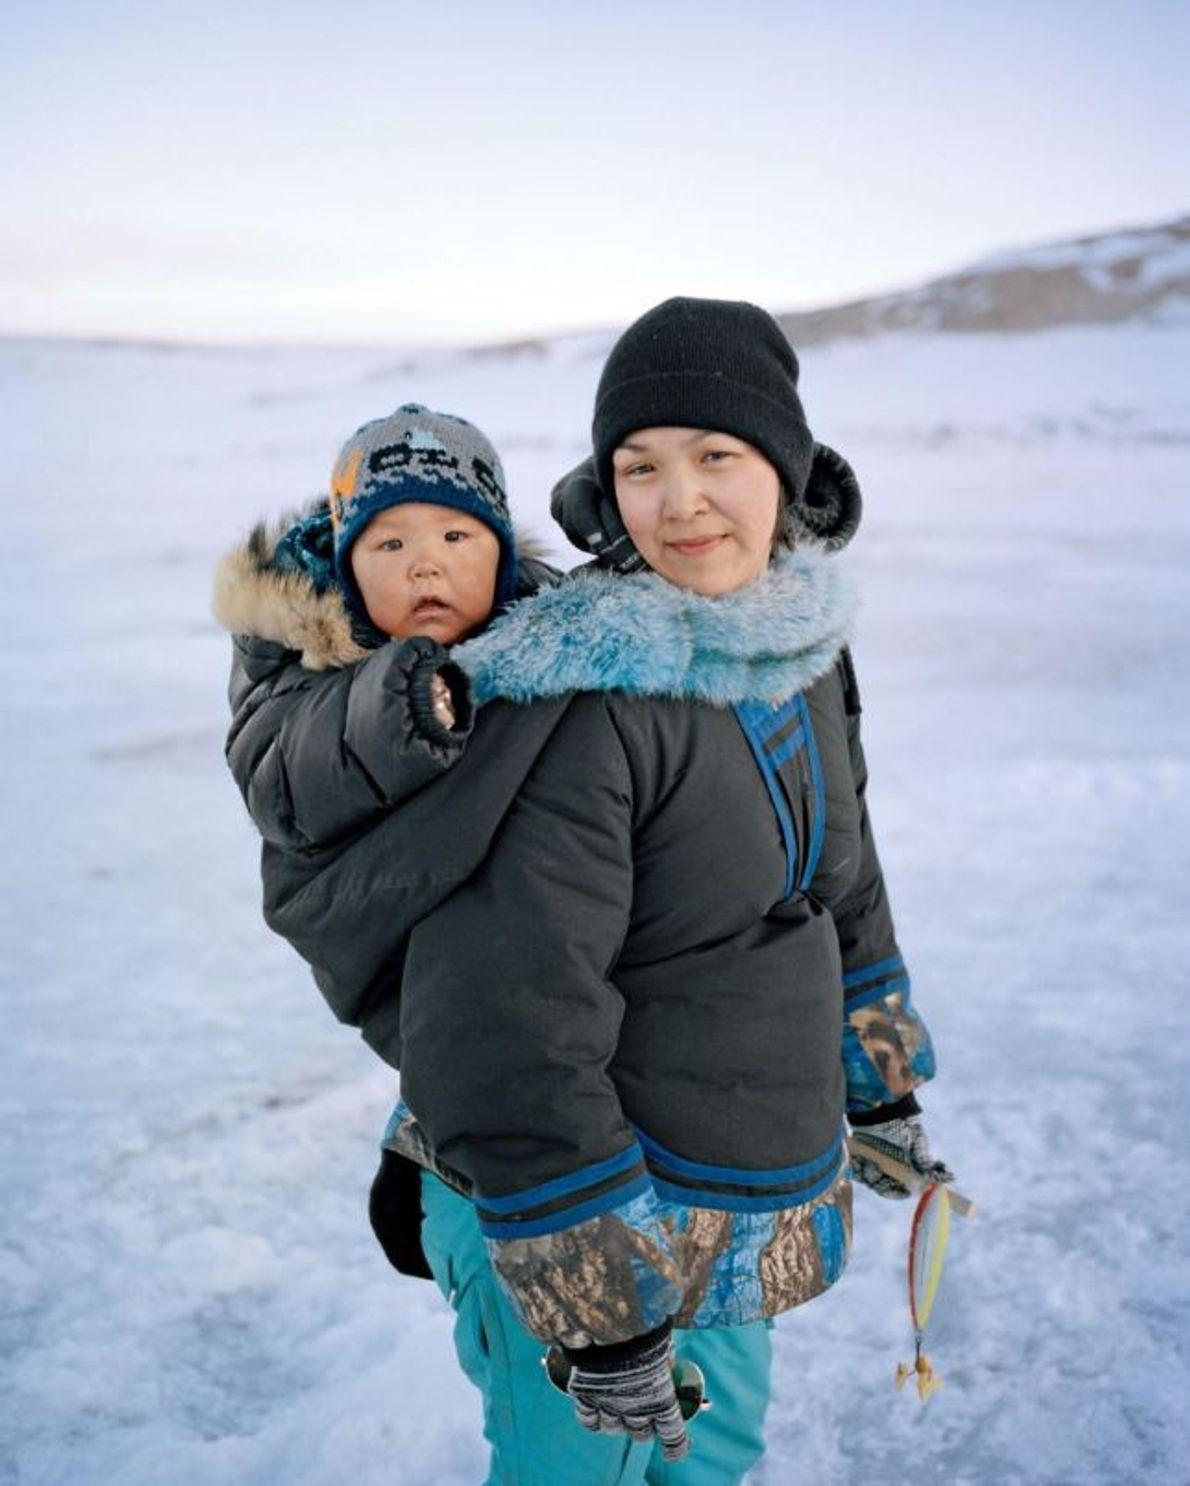 Blotti dans un amauti (une parka avec porte-bébé intégré) Spencer accompagne sa mère, Clara Itturiligaq, au ...